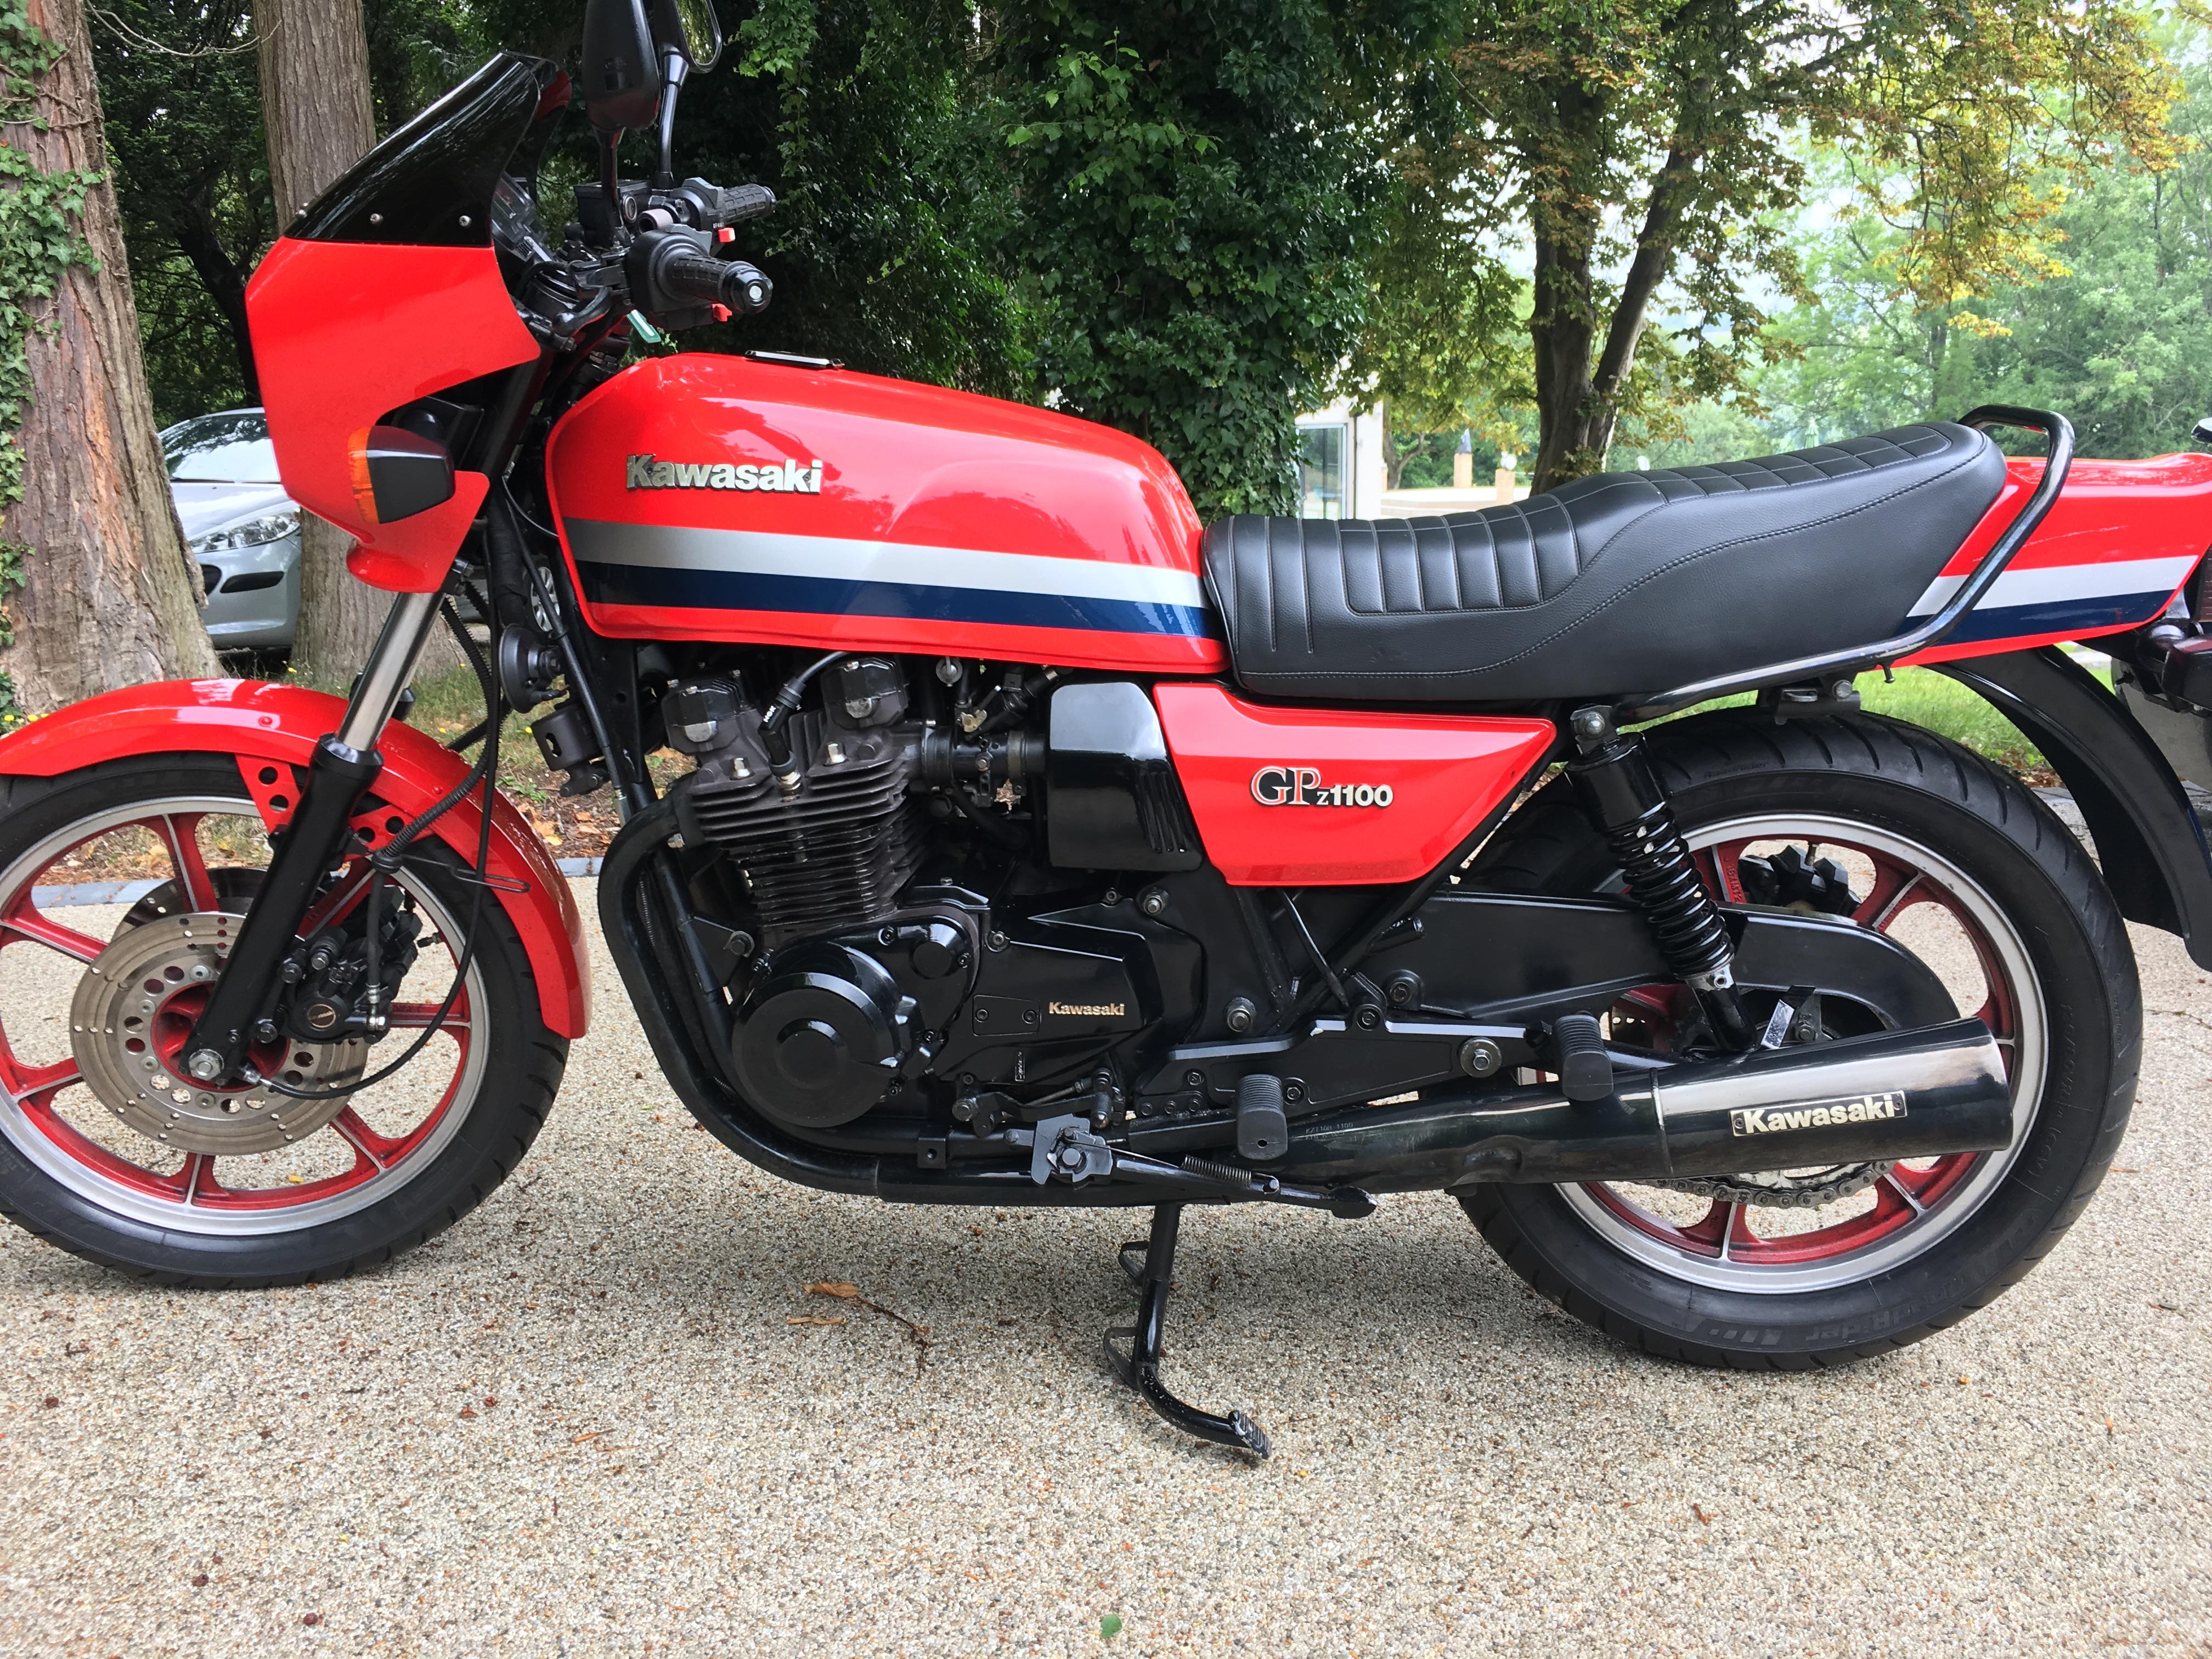 GPz1100B2